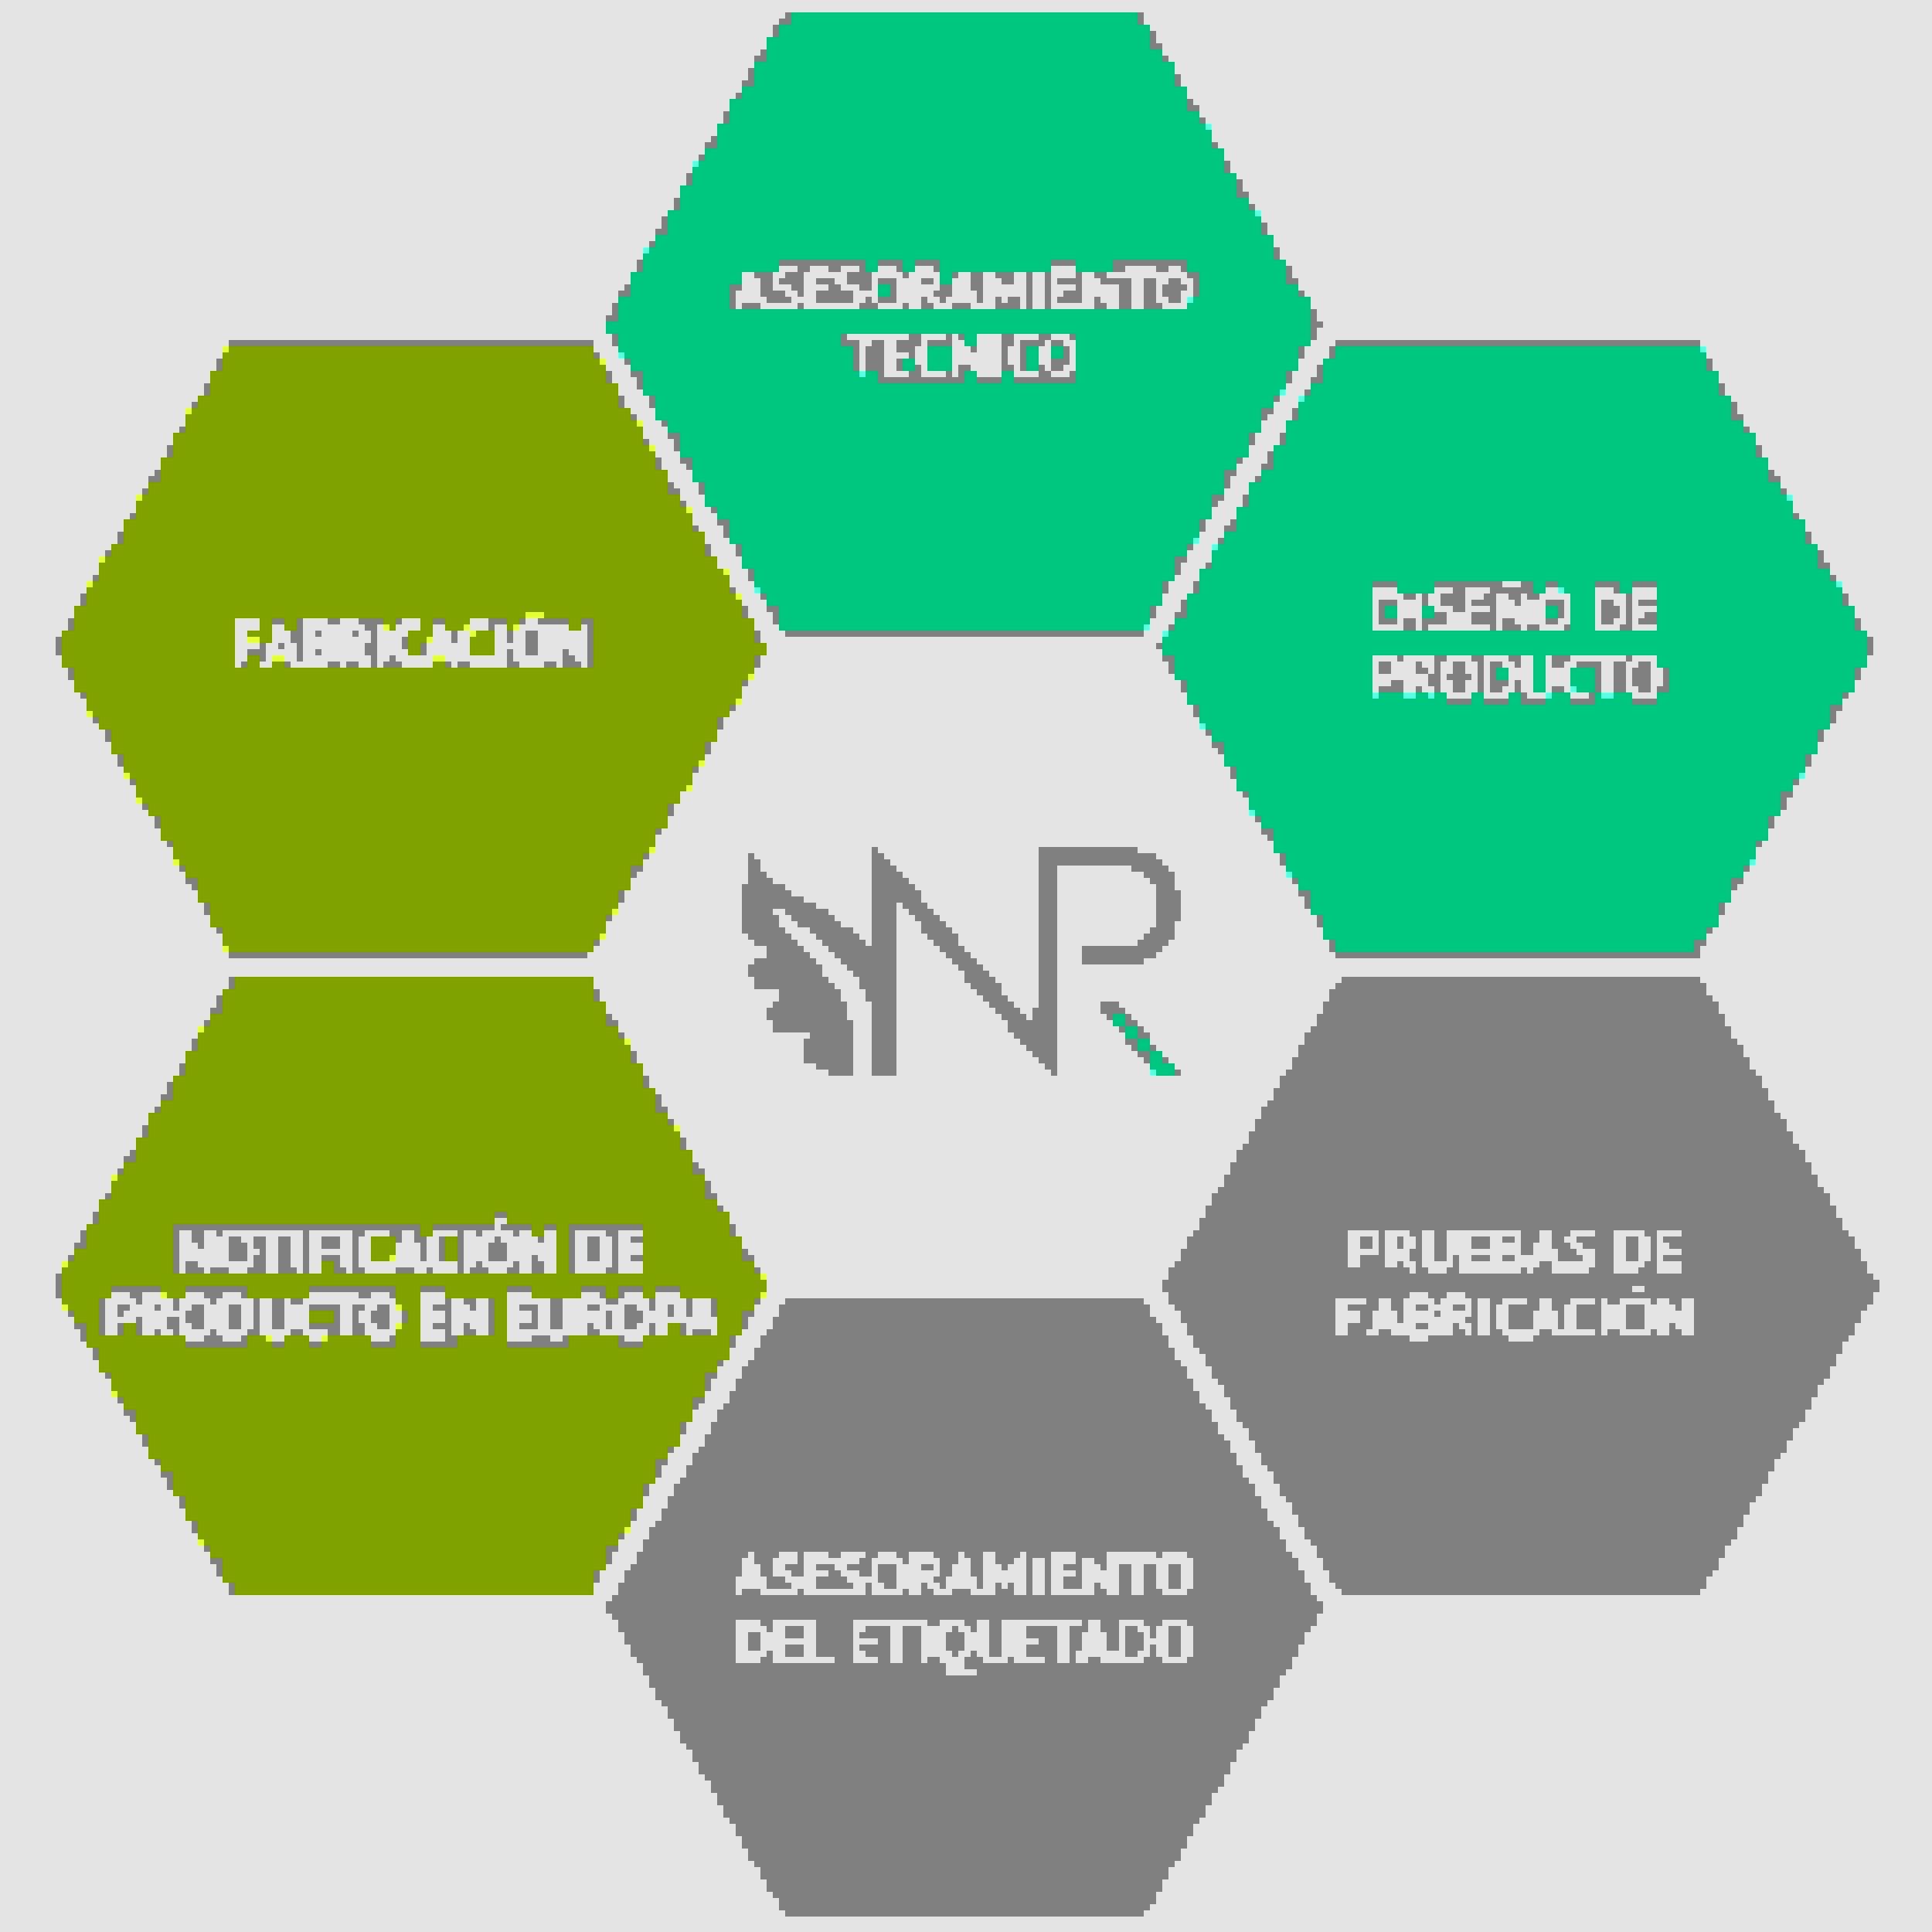 laboratorio a terceros y fabricante de complementos alimenticios